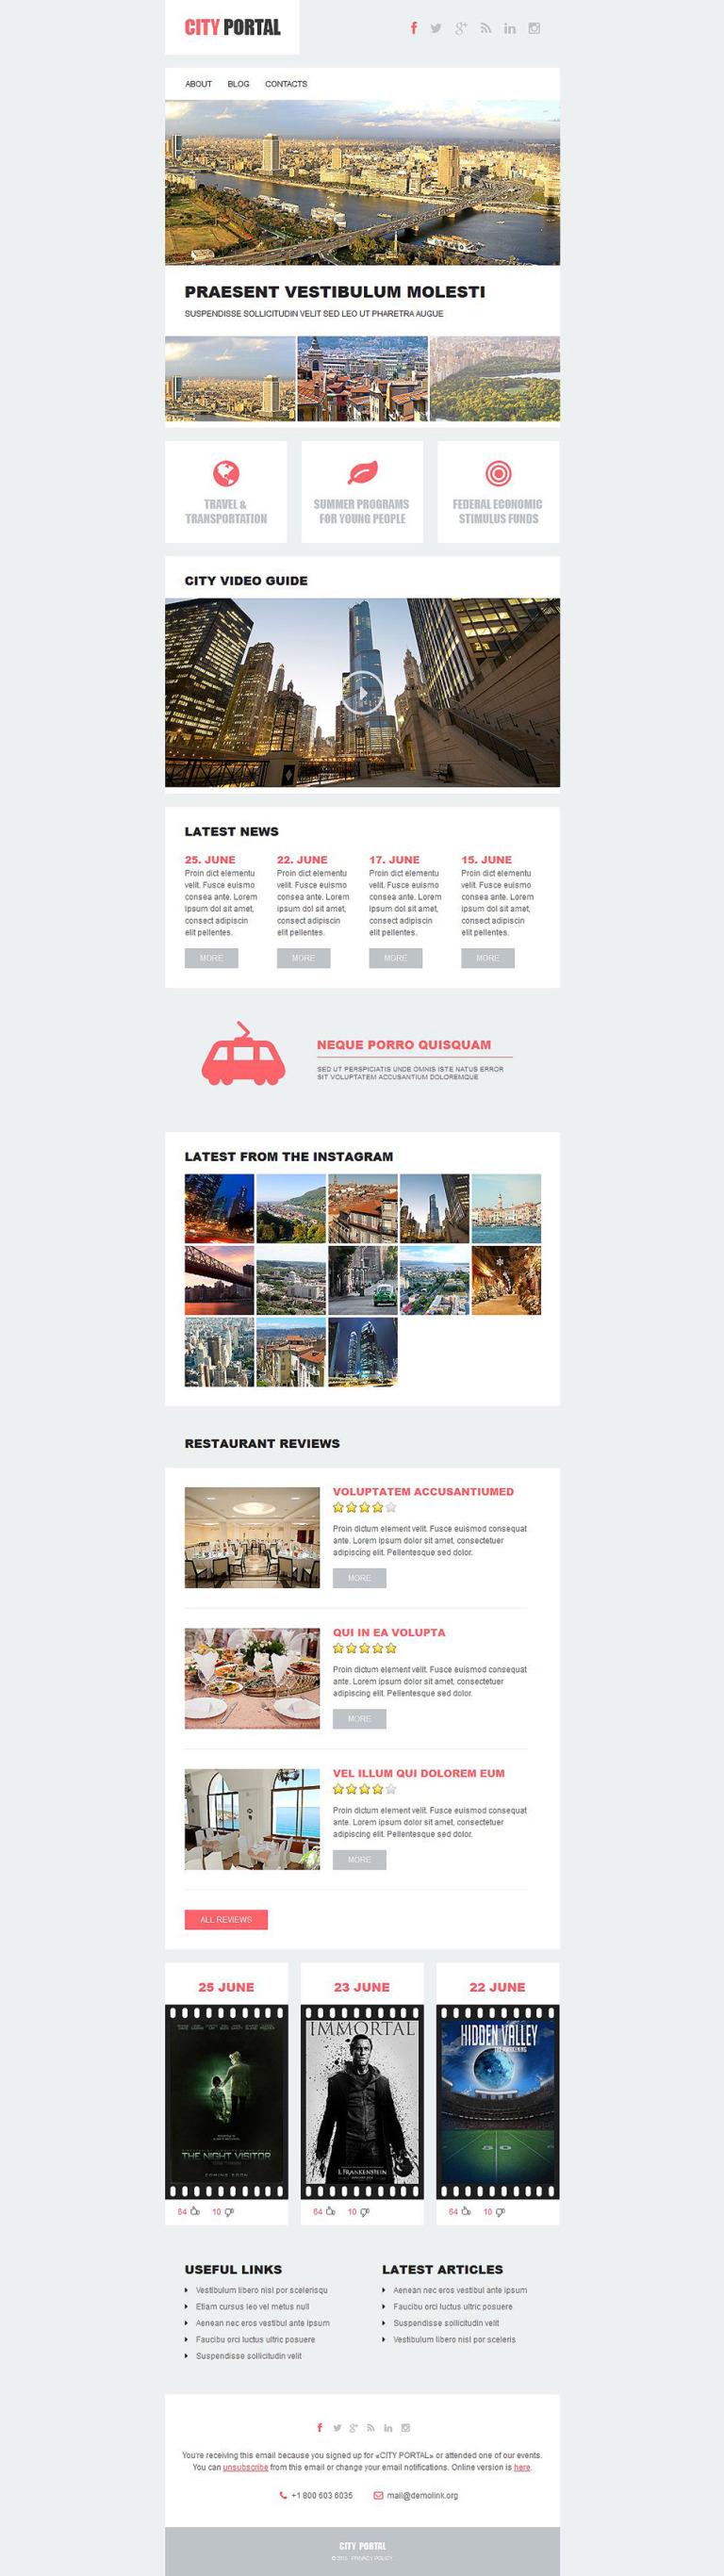 City Portal Responsive Newsletter Template New Screenshots BIG